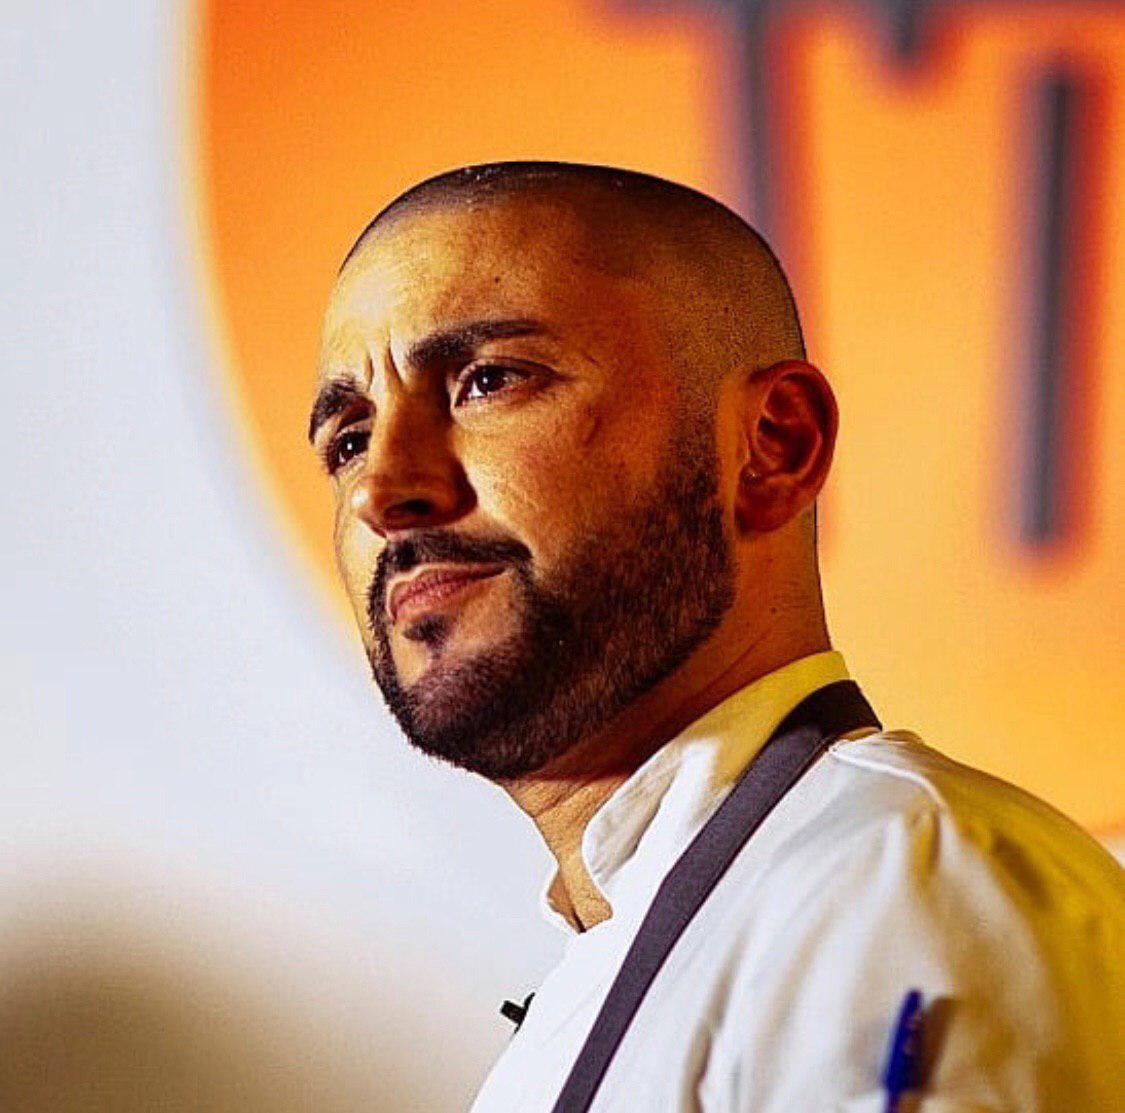 Spirito Fusion nel menù a firma dello Chef Cavuoto